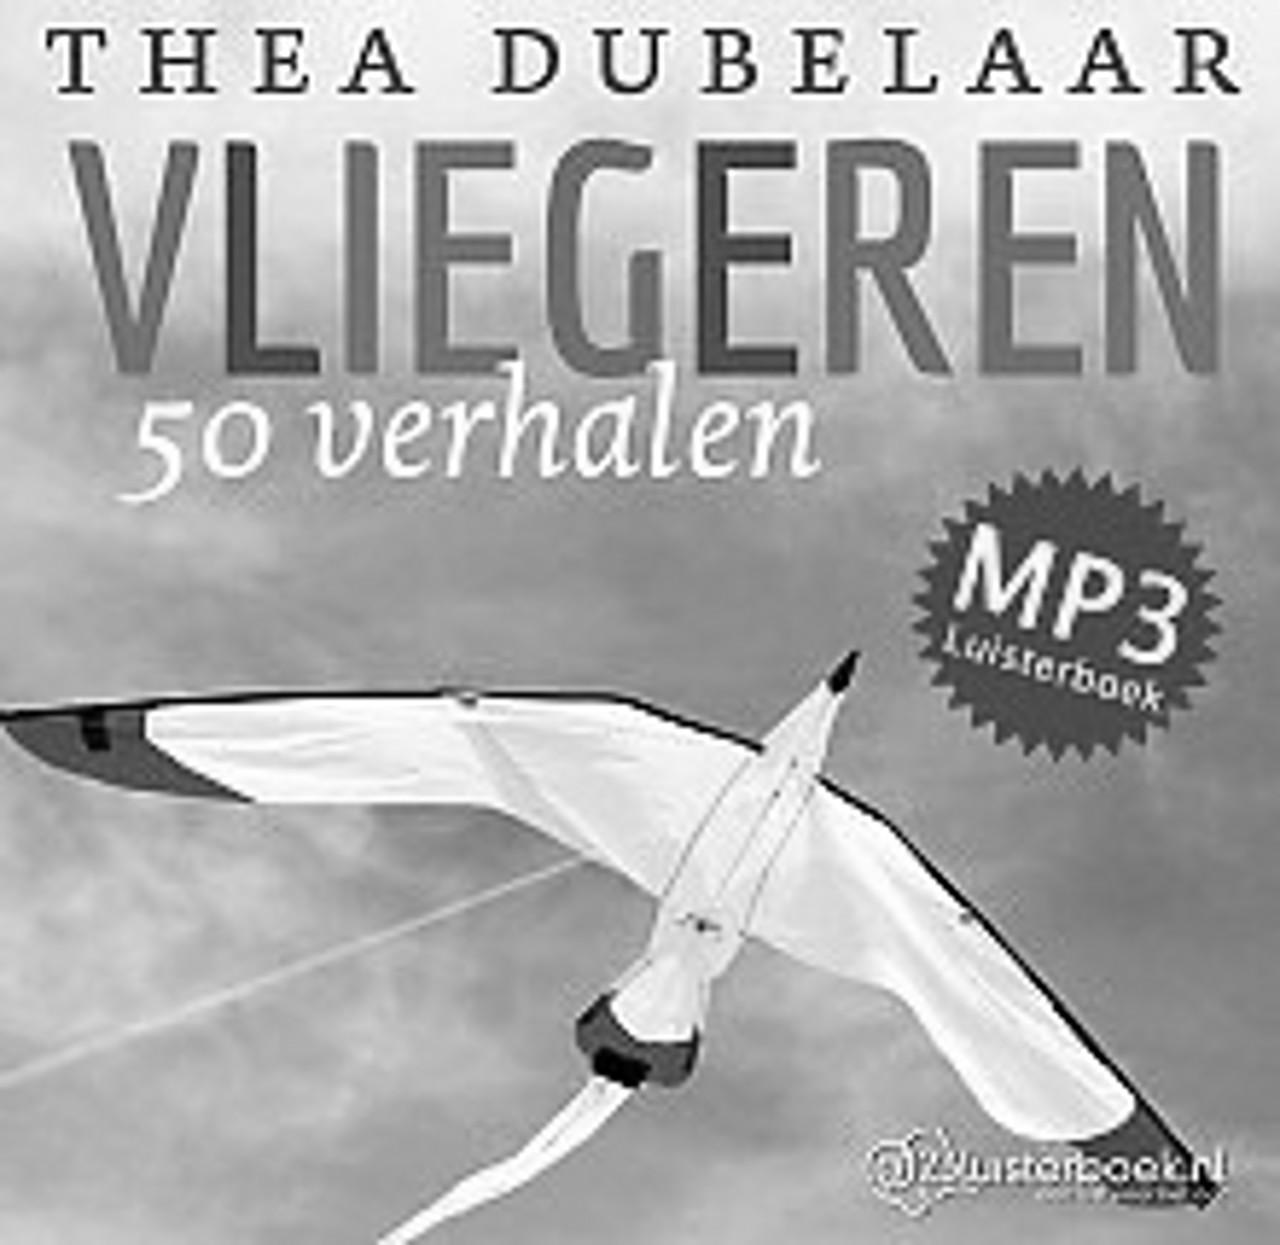 thea-dubelaar-vliegeren-50-verhalen